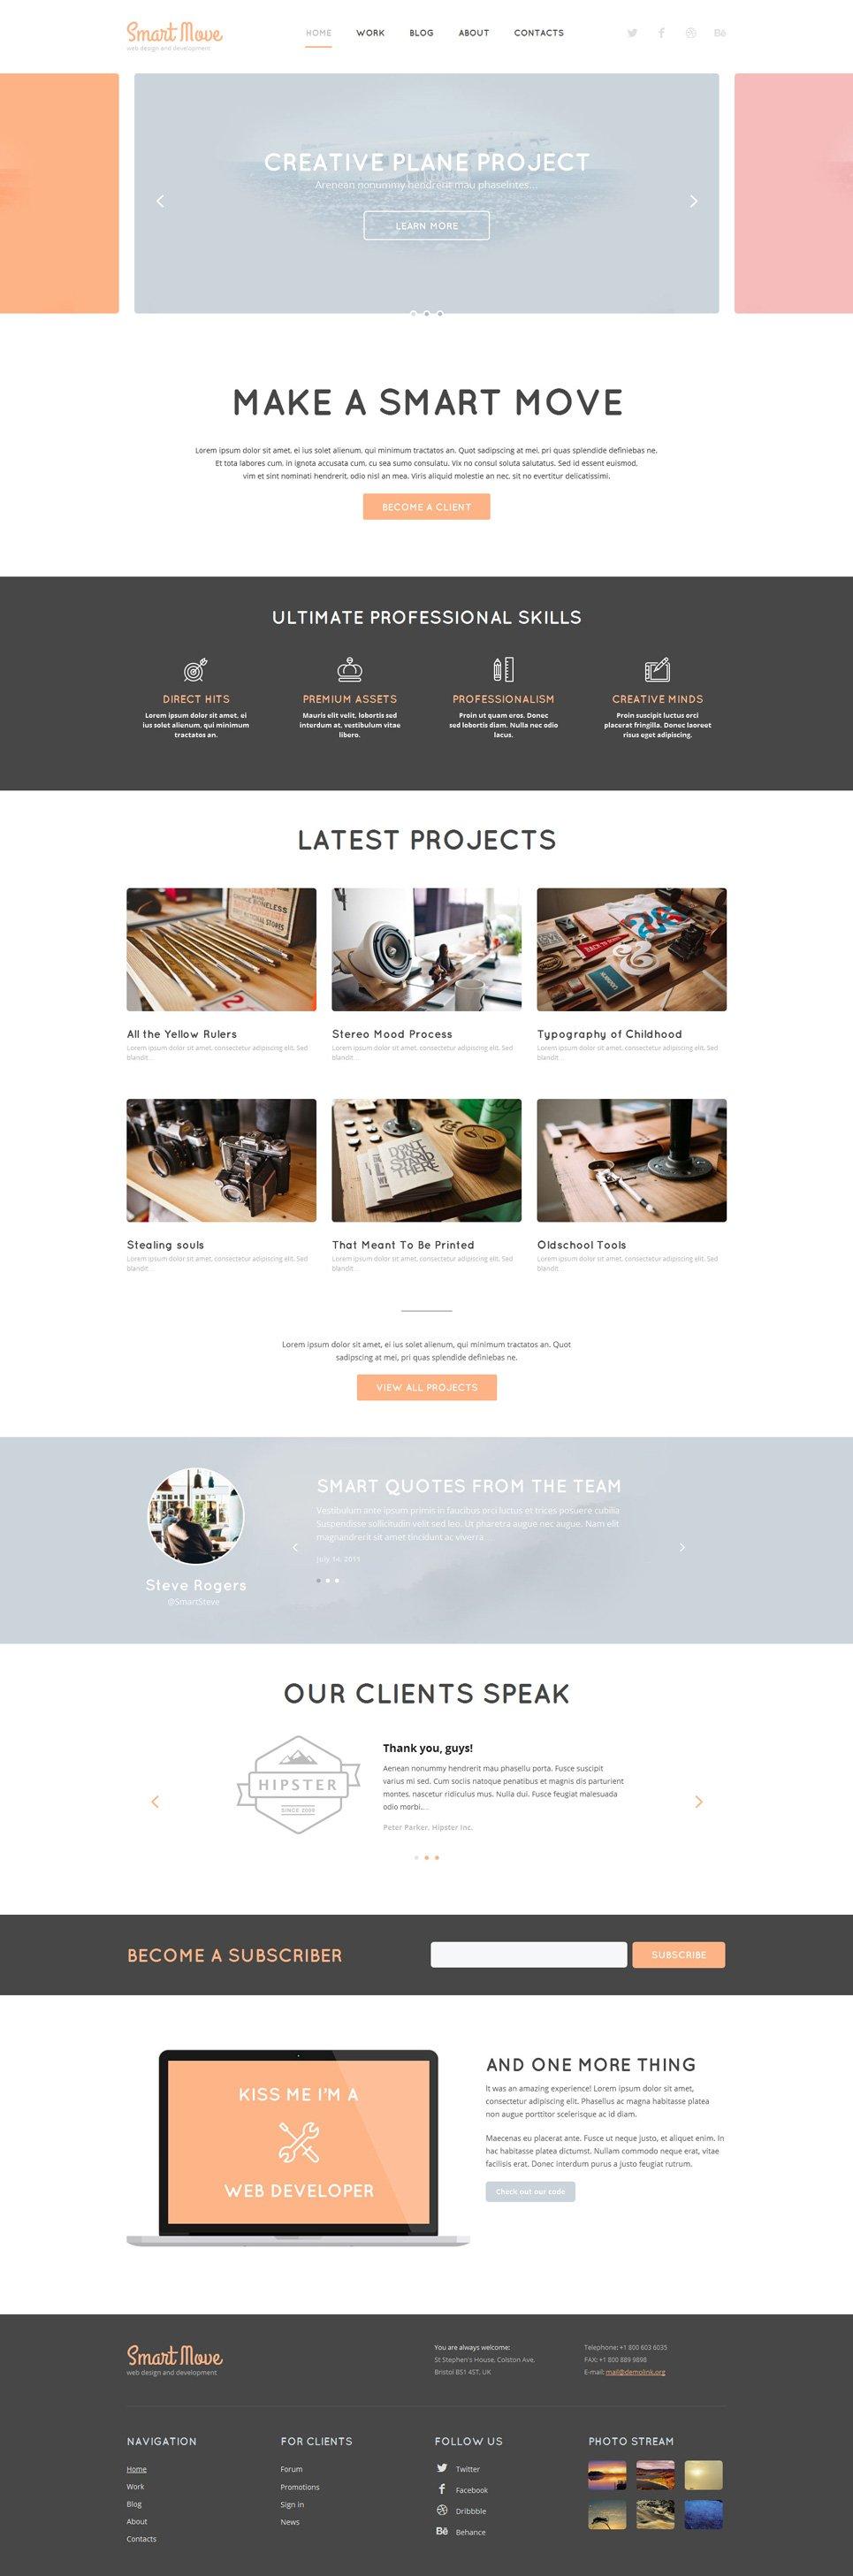 Адаптивный шаблон сайта на тему веб-дизайн #52602